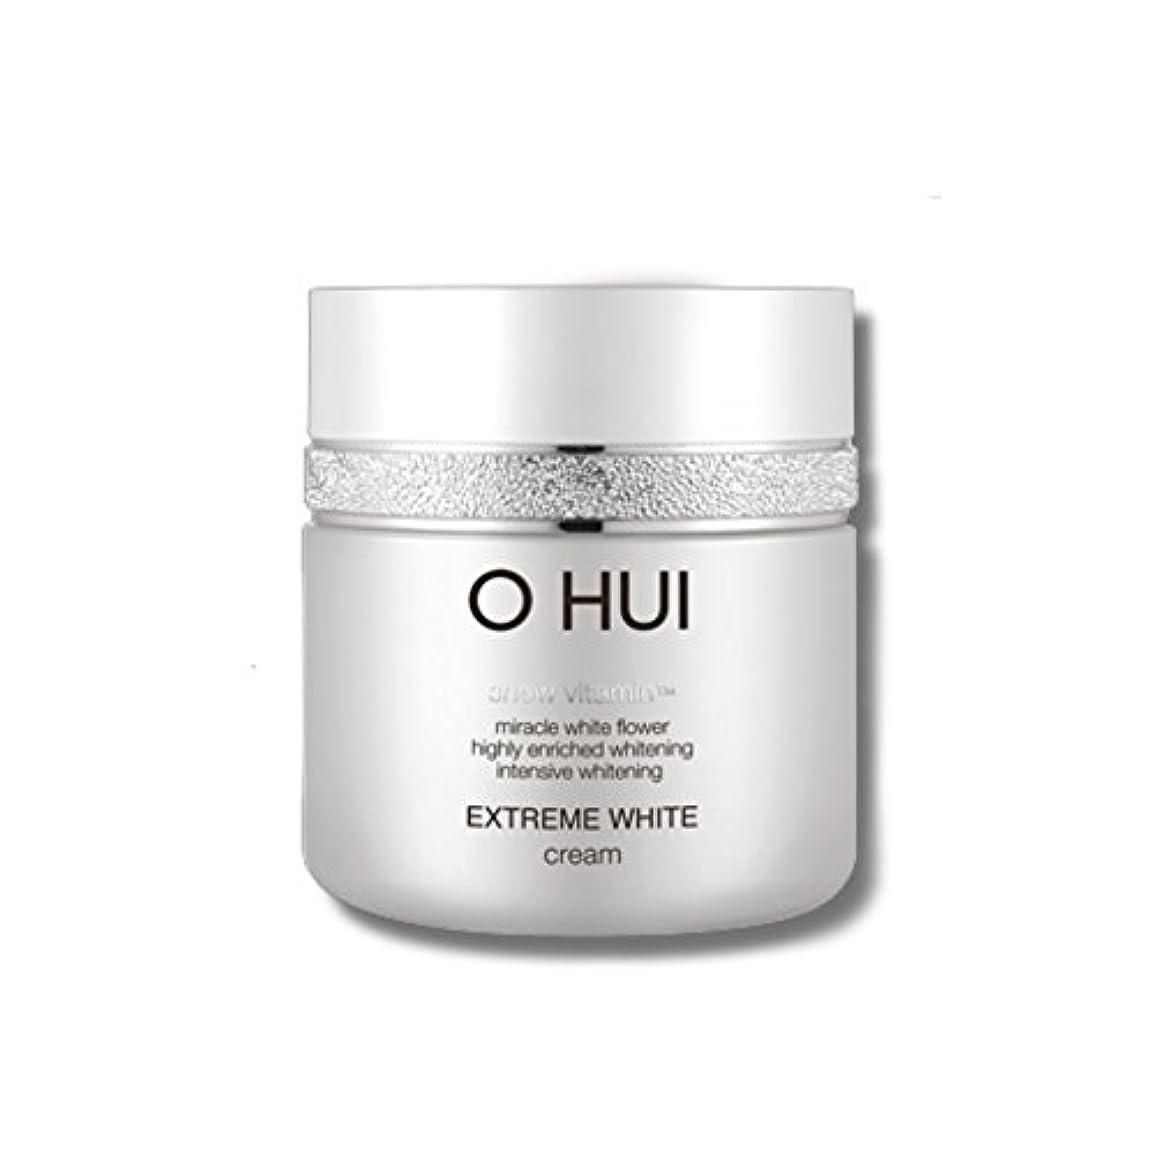 頬骨貴重な追い付くOHUI Extreme White Cream 50ml/オフィ エクストリーム ホワイト クリーム 50ml [並行輸入品]